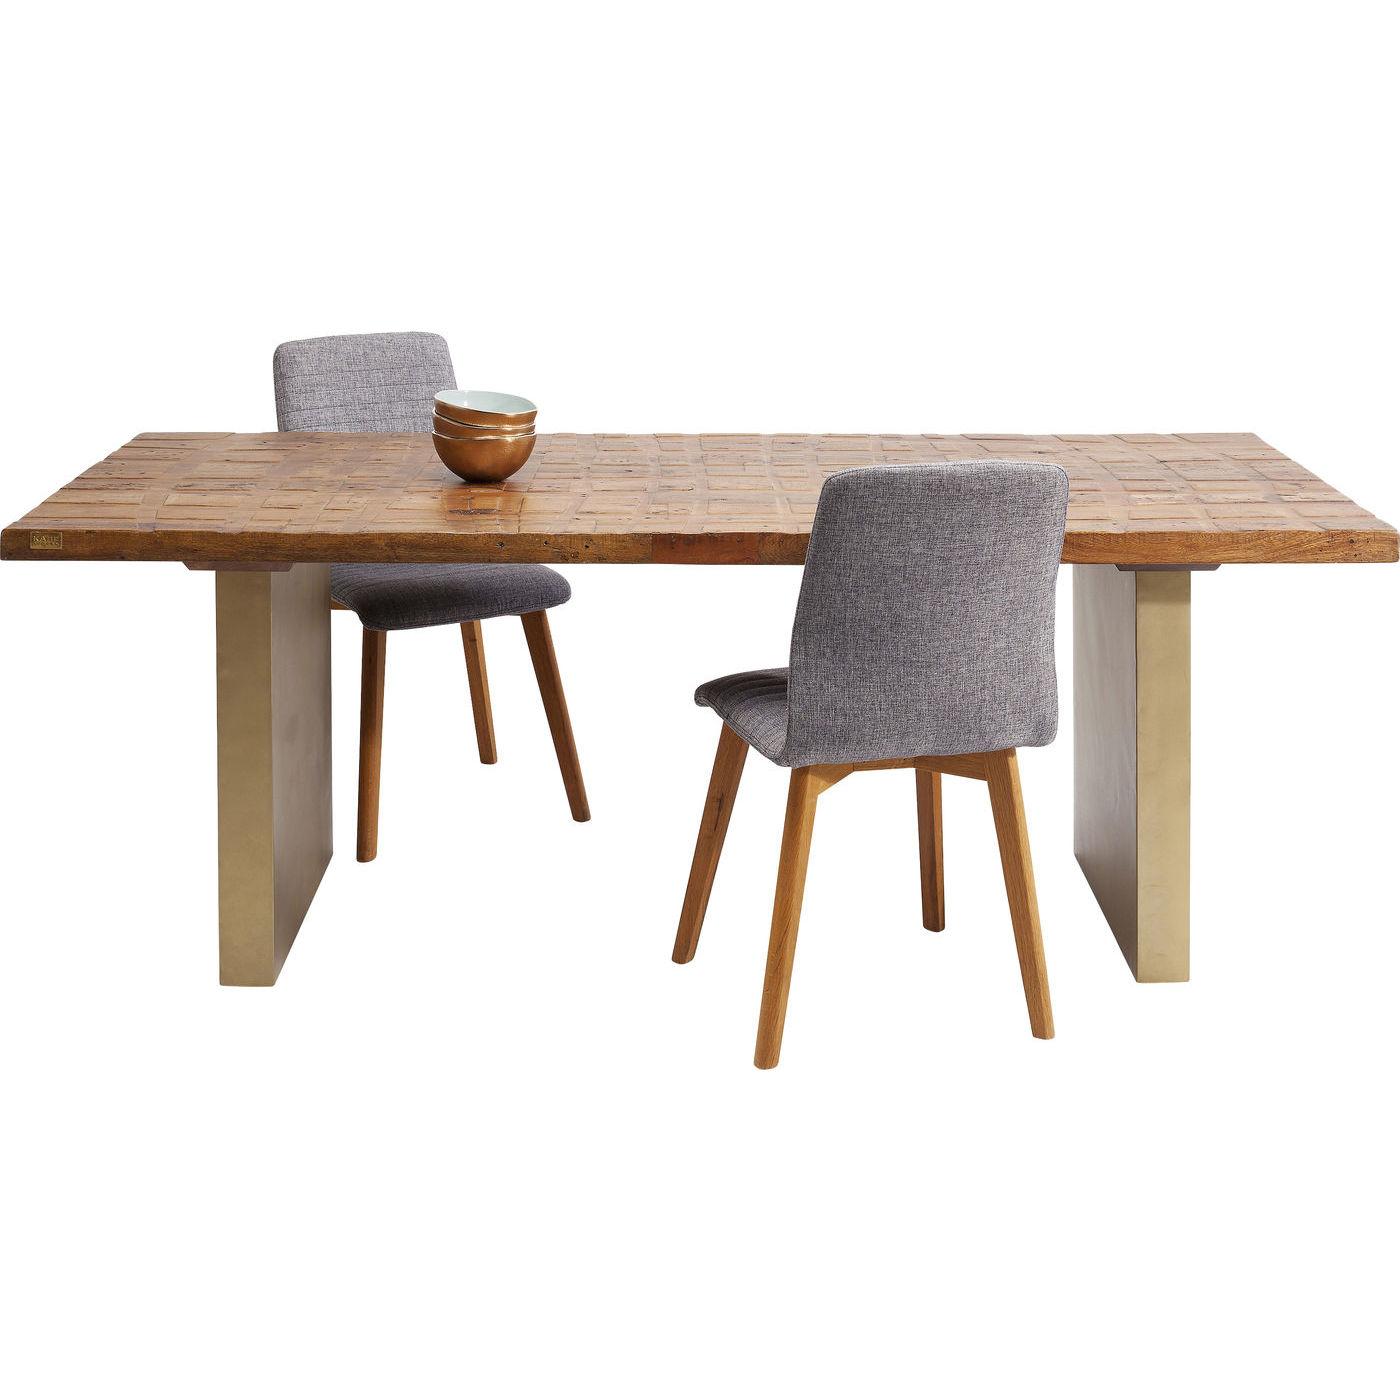 kare design – Kare design wild thing spisebord - natur genbrugstræ/messing stål (200x90) på boboonline.dk